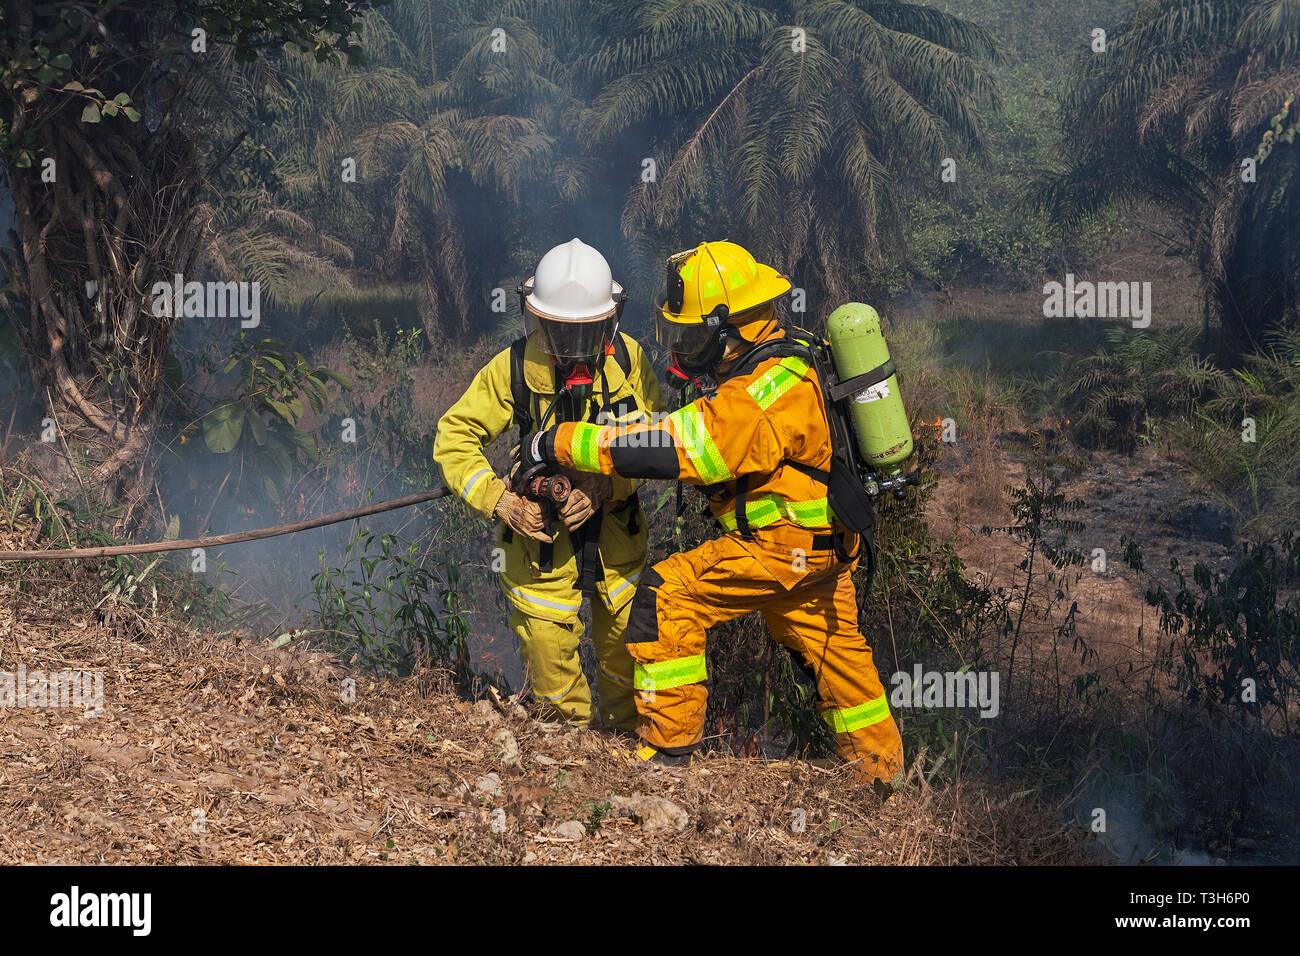 En Sierra Leona la formación del equipo de respuesta de emergencia en la lucha contra incendios hacer pausas entre incendios forestales locales y comunidad con instructor Foto de stock